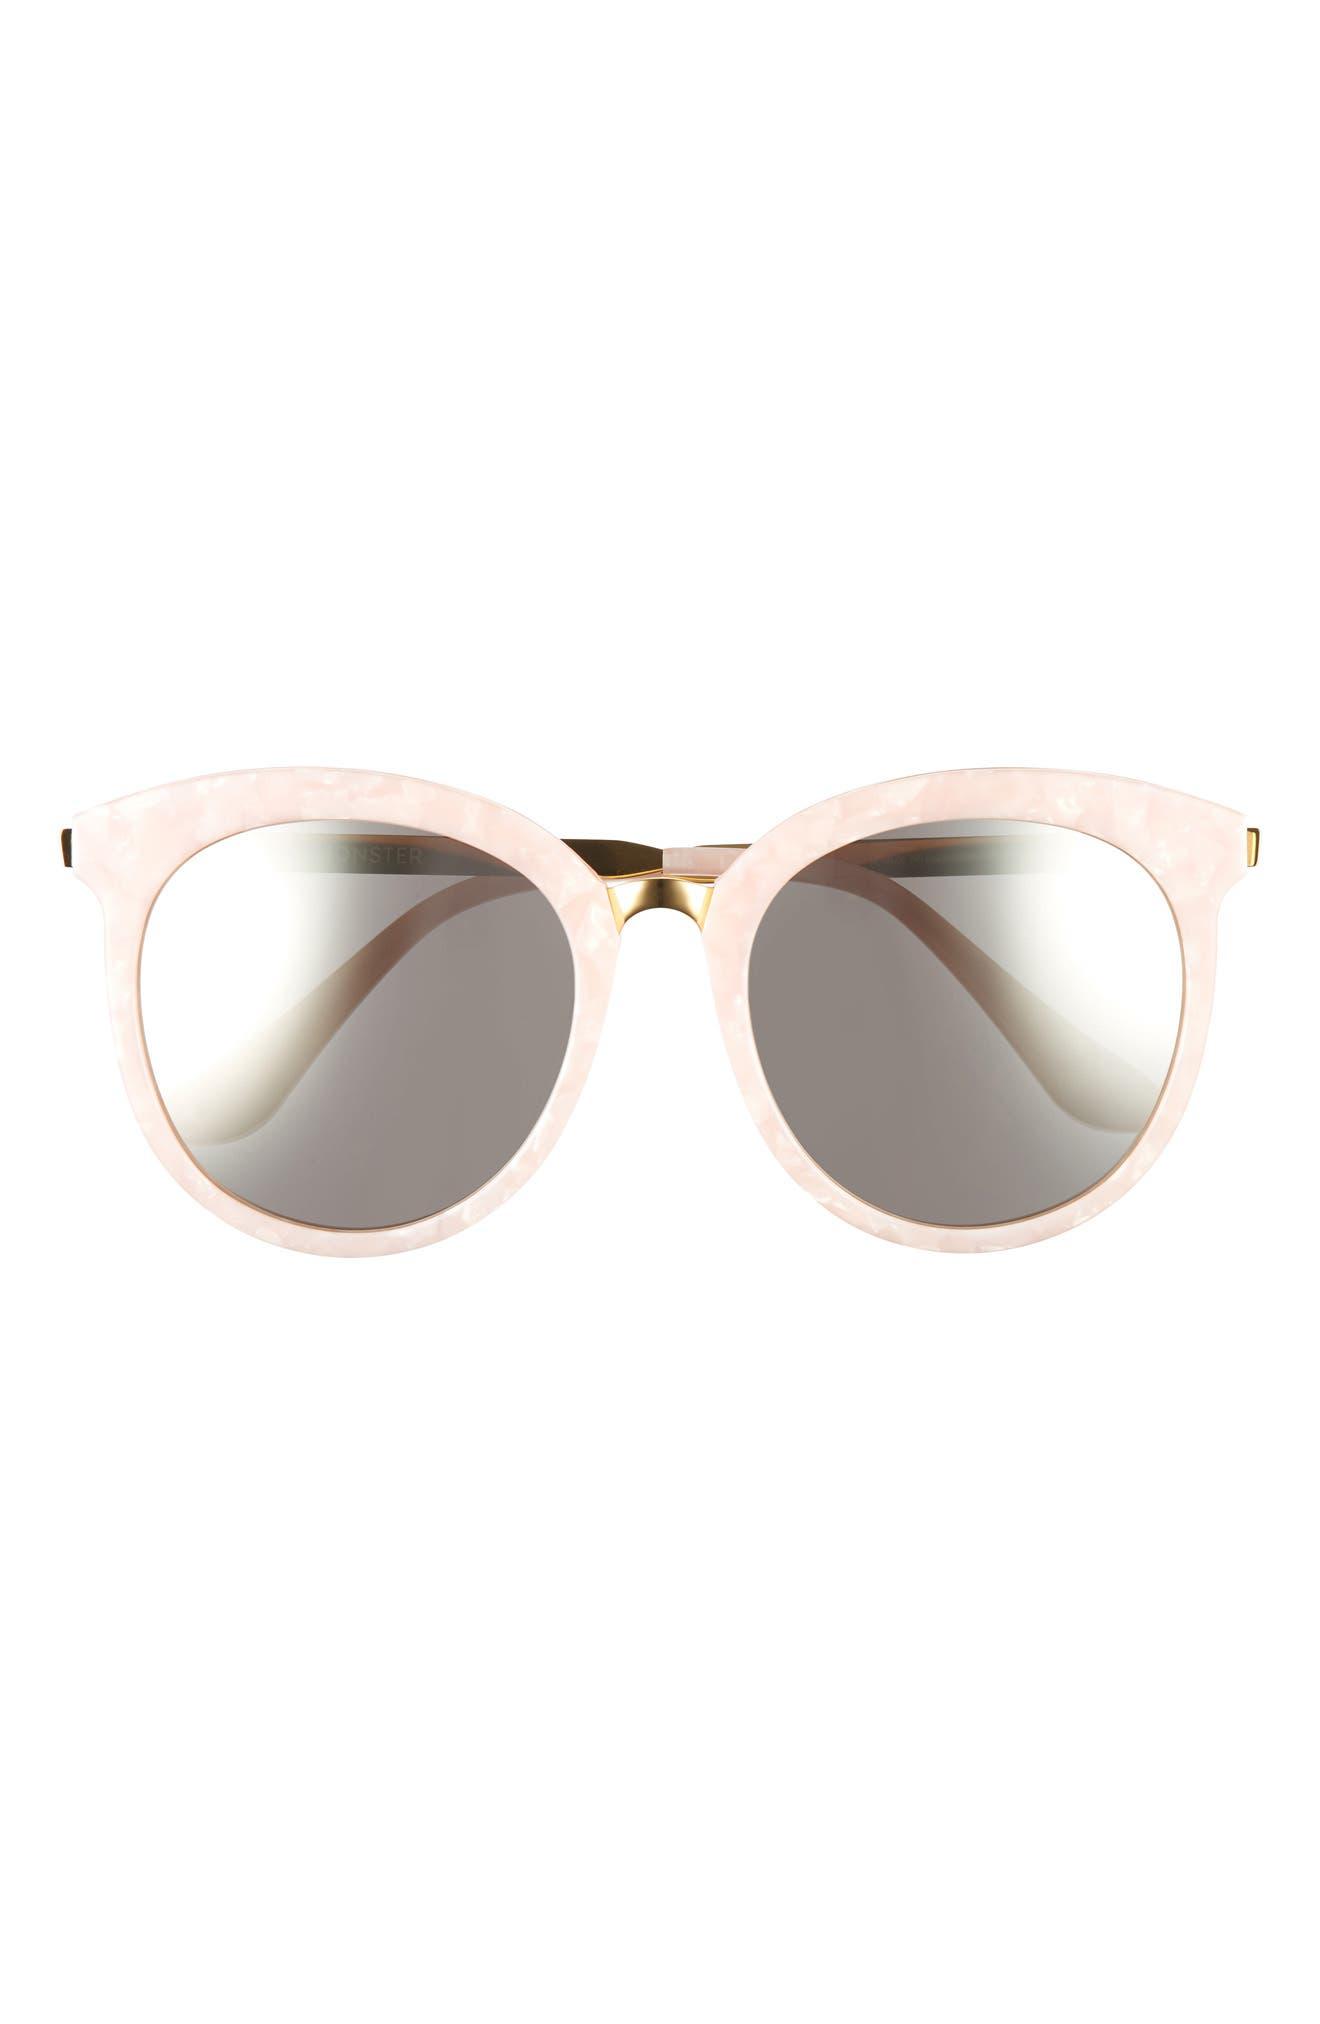 Main Image - Gentle Monster Lovesome 56mm Cat Eye Sunglasses